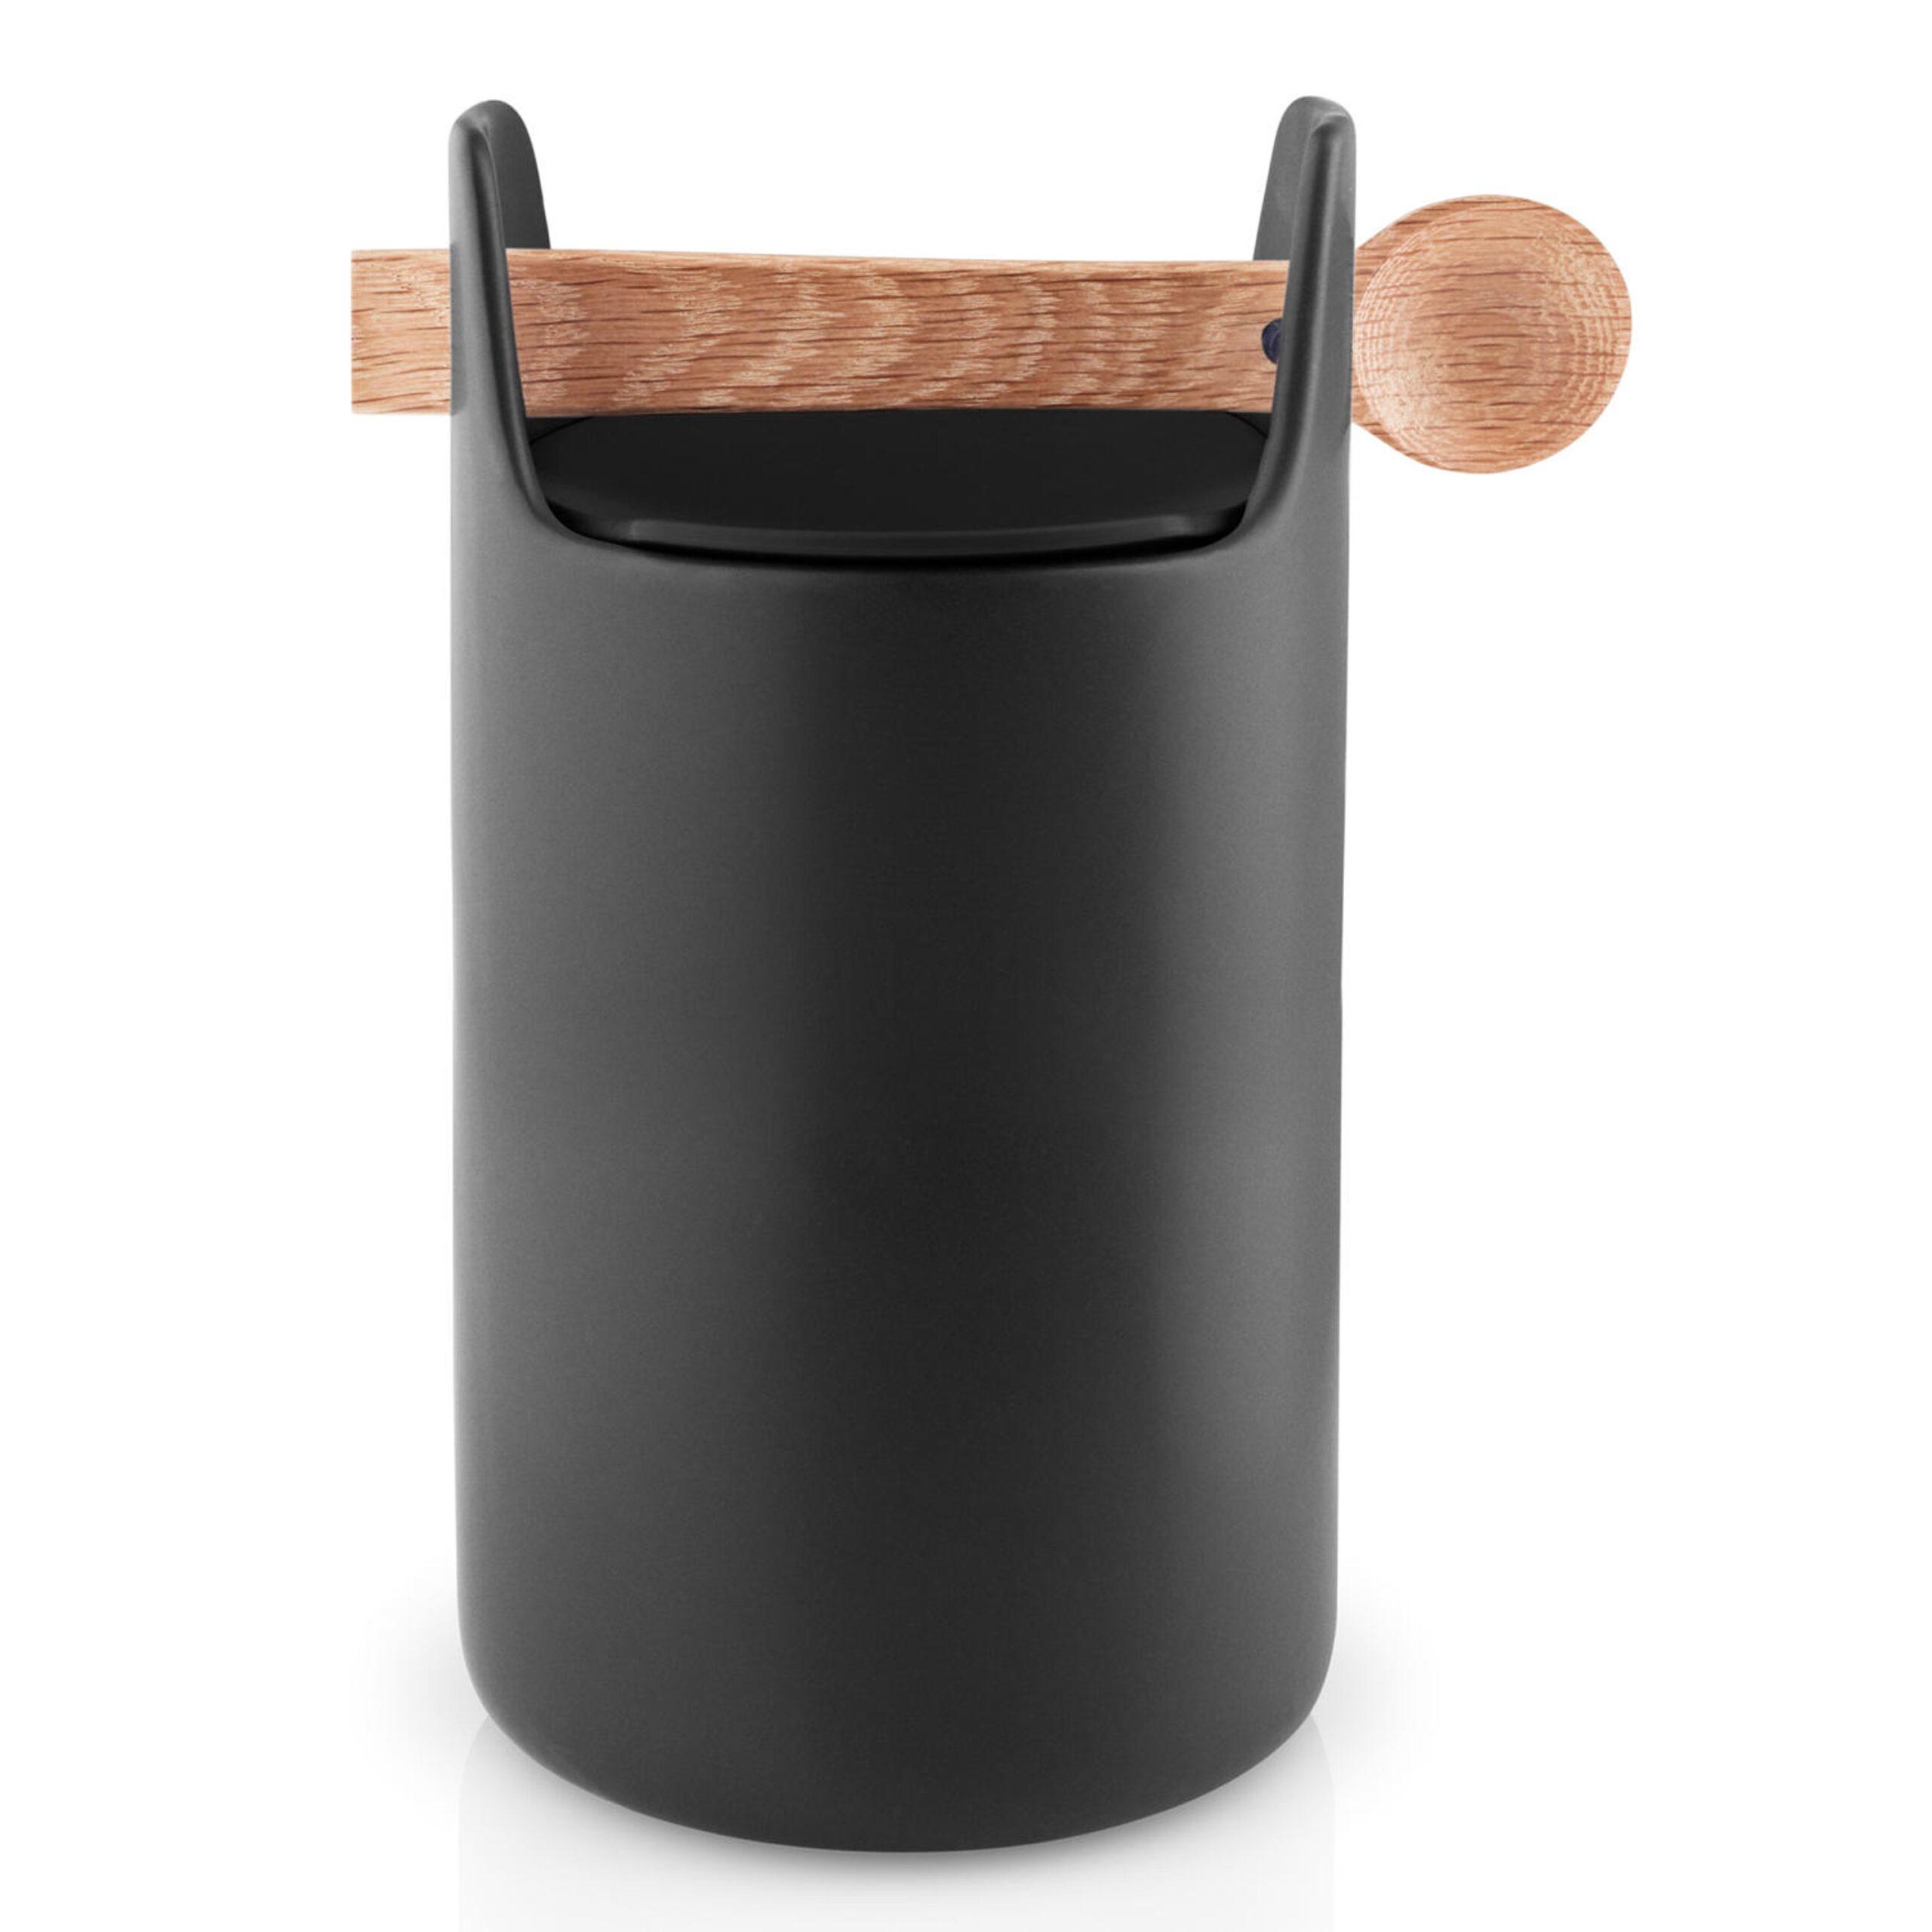 Full Size of Aufbewahrungsbehälter Eva Solo Toolboaufbewahrungsbehlter Mit Lffel Küche Wohnzimmer Aufbewahrungsbehälter